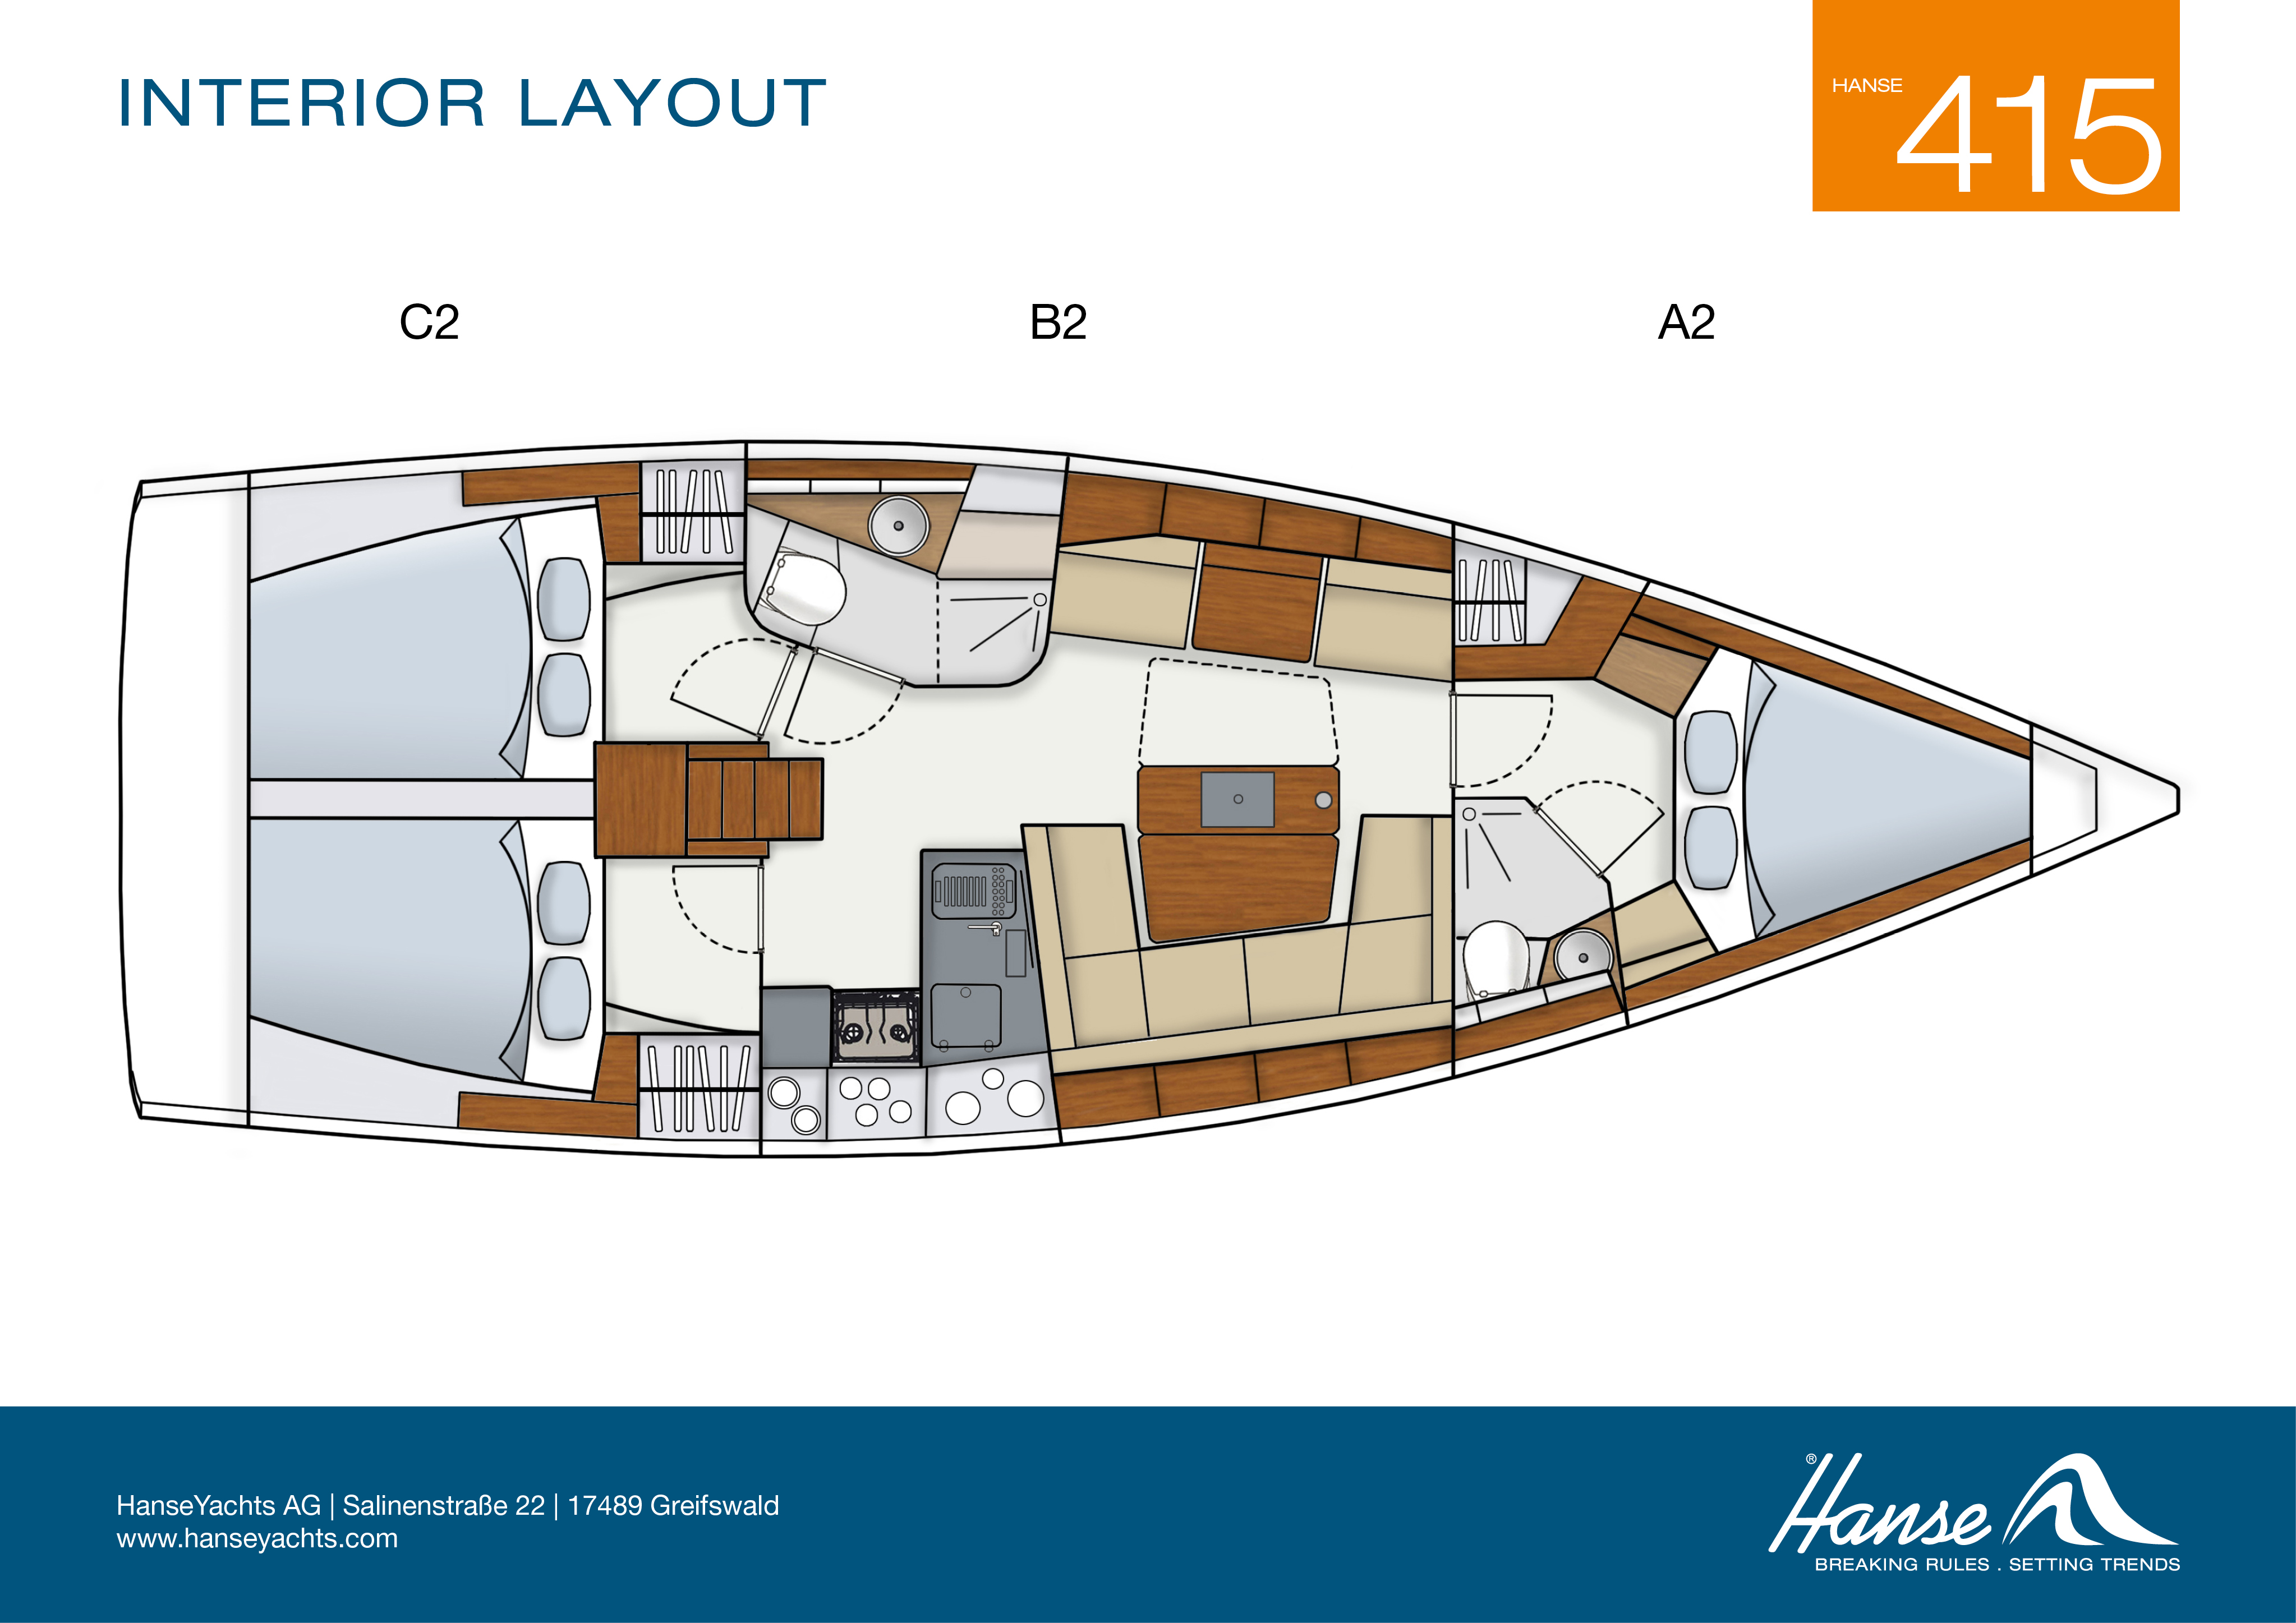 Hanse  - layout-hanse-415-268368.jpg